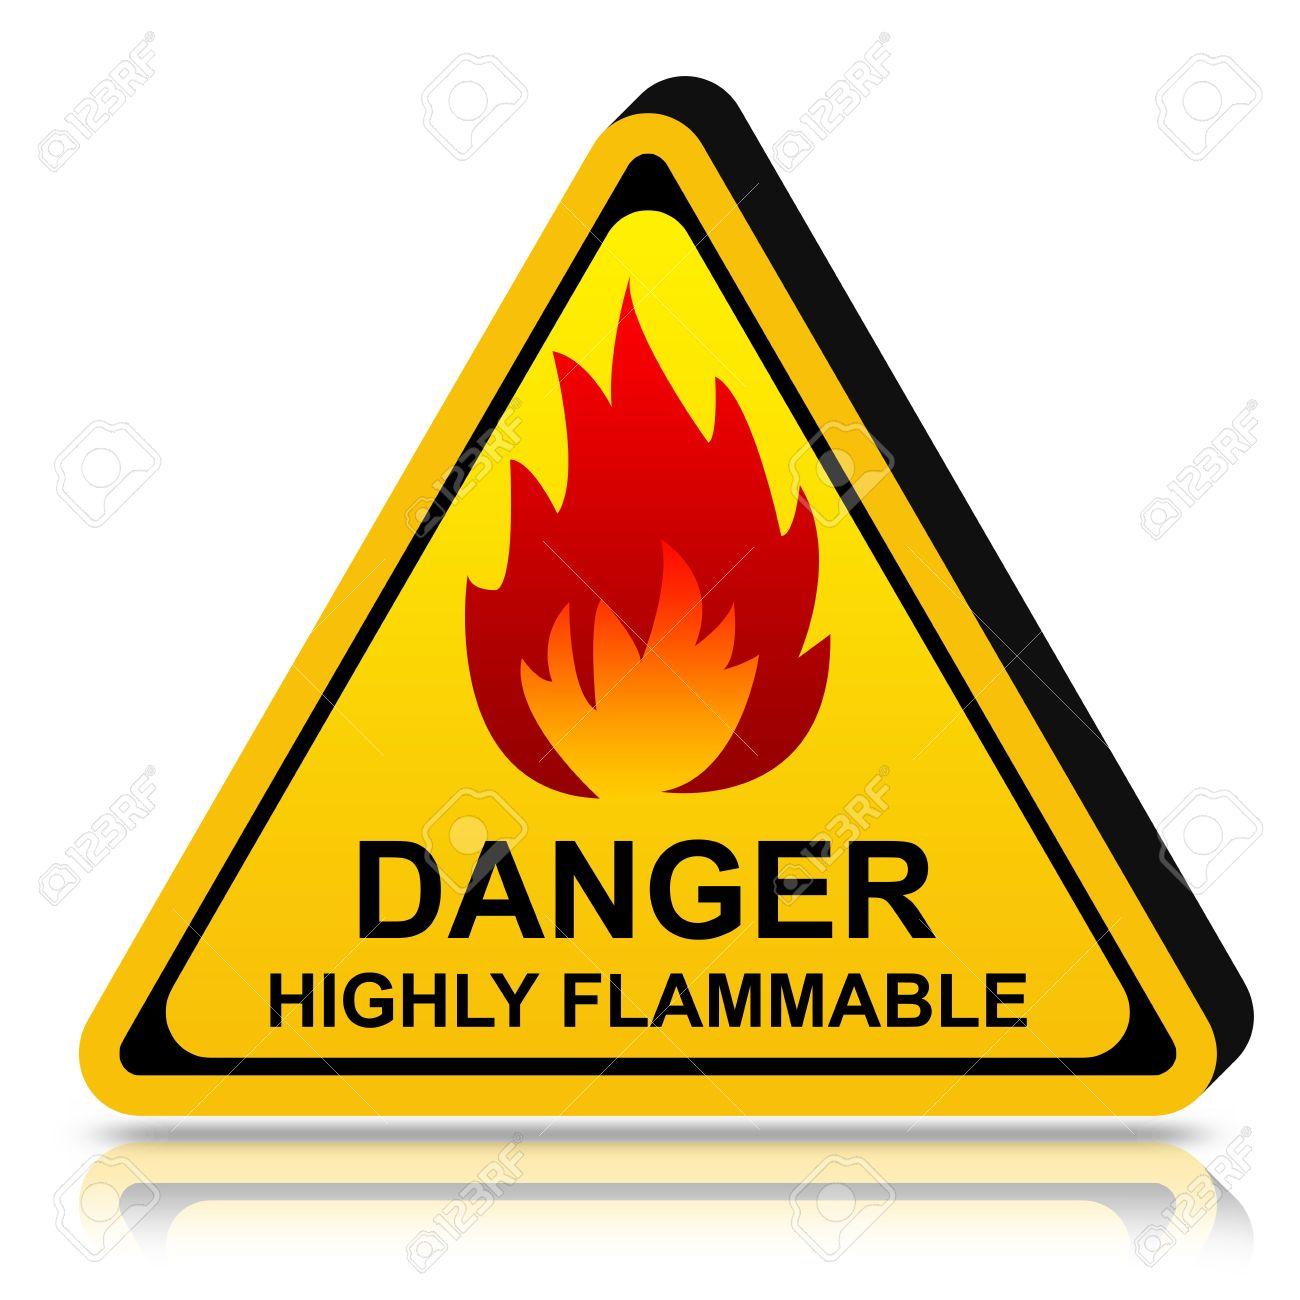 3d yellow triangle danger lpg highly flammable sign isolated 3d yellow triangle danger lpg highly flammable sign isolated on white background stock photo 17455031 buycottarizona